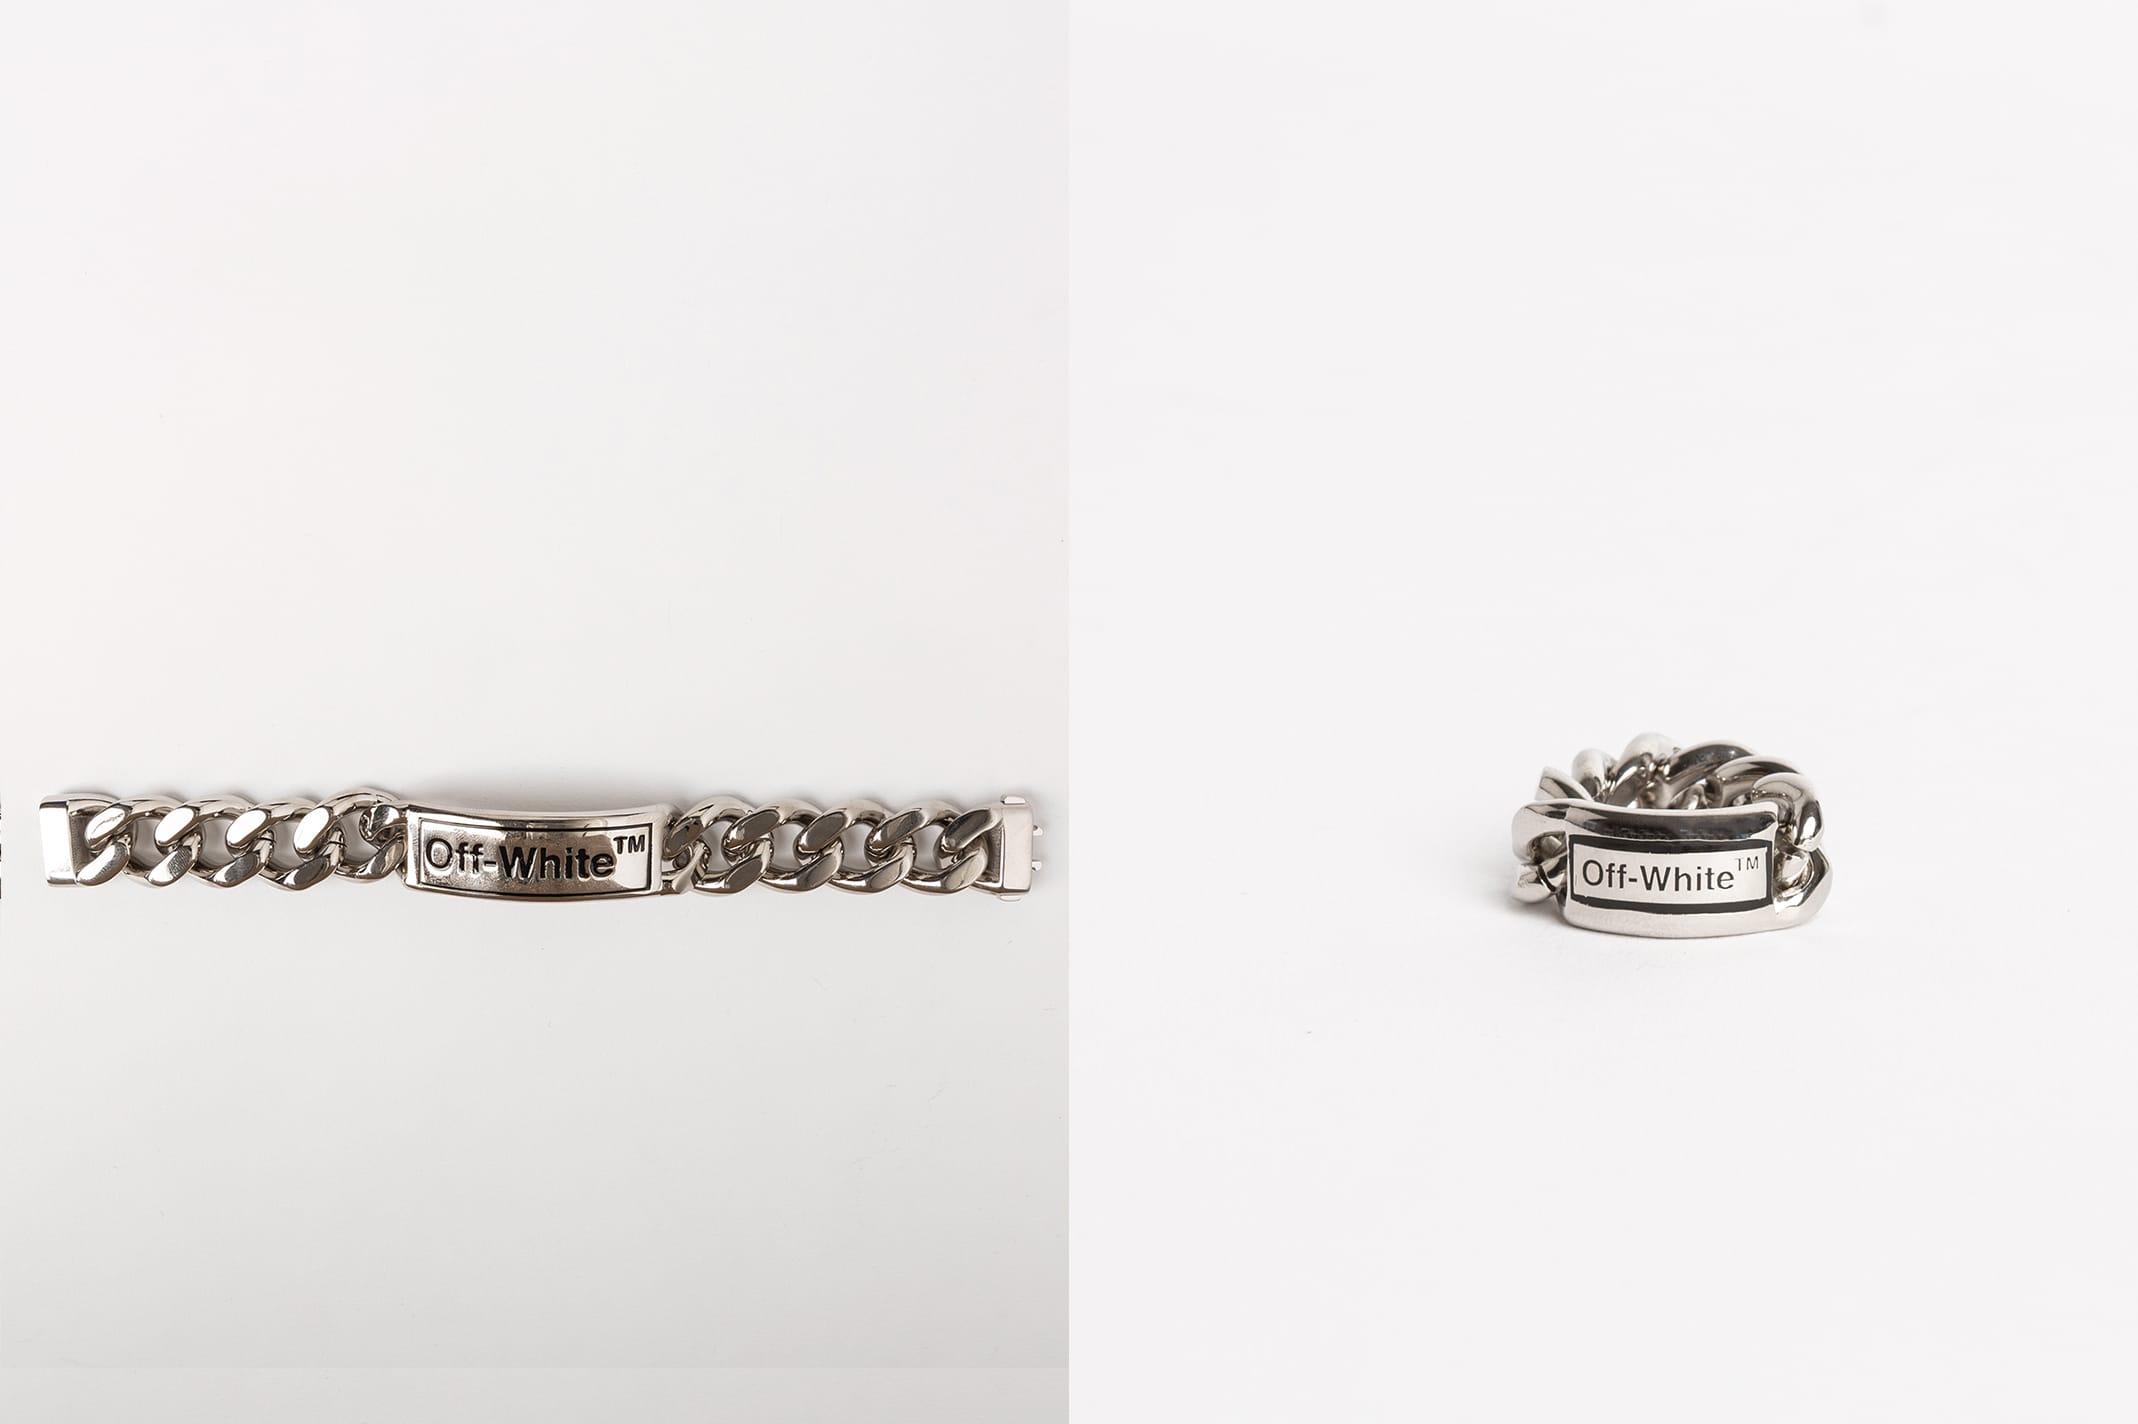 Off-White™ sort une série de bijoux avec bagues, bracelets et boucles d'oreilles